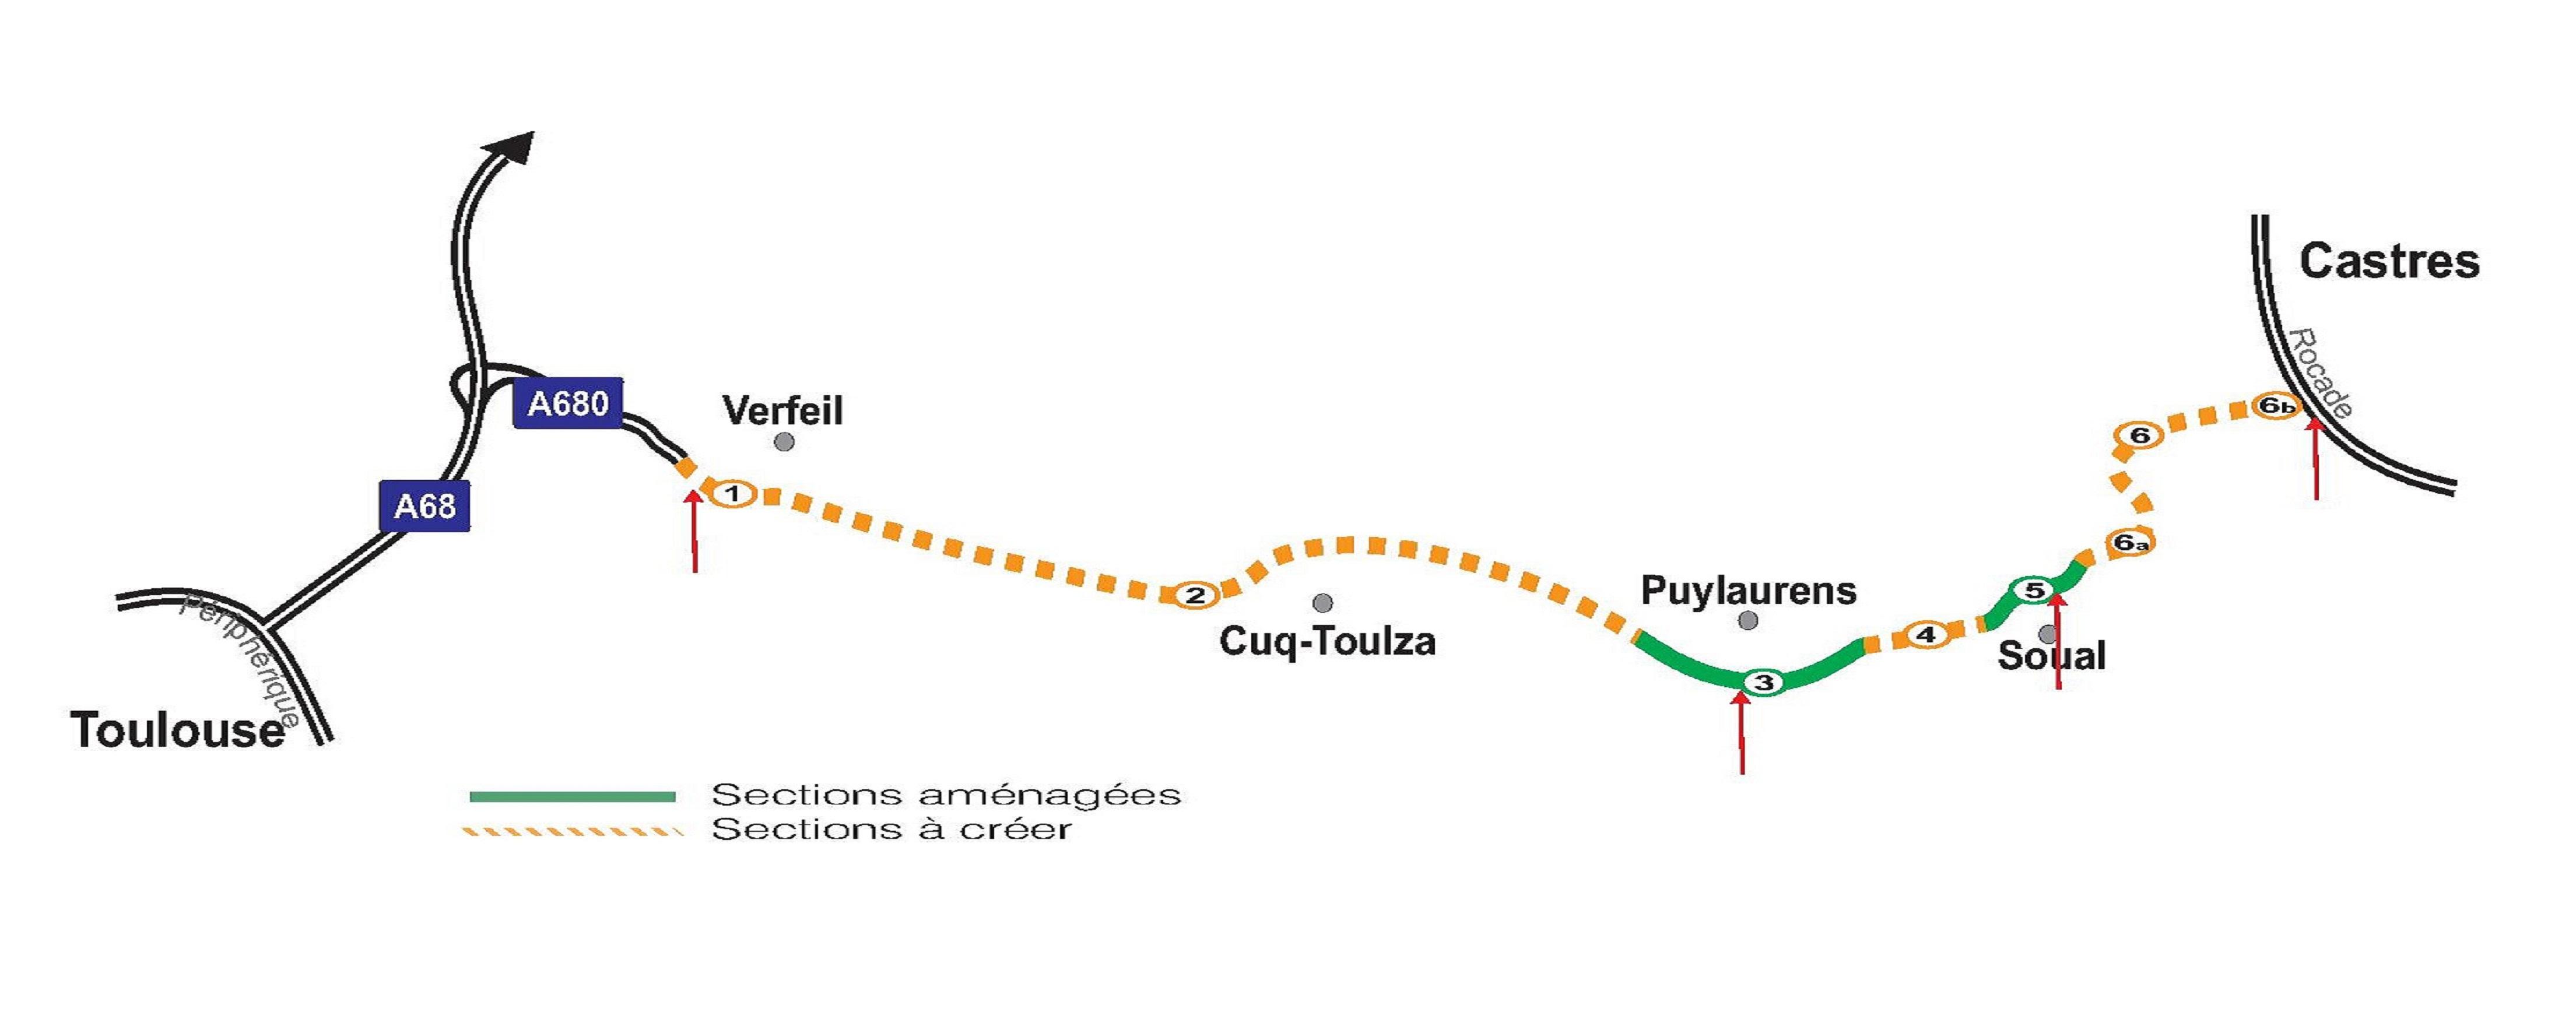 Vers un nouvel aménagement de l'autoroute Castres Toulouse